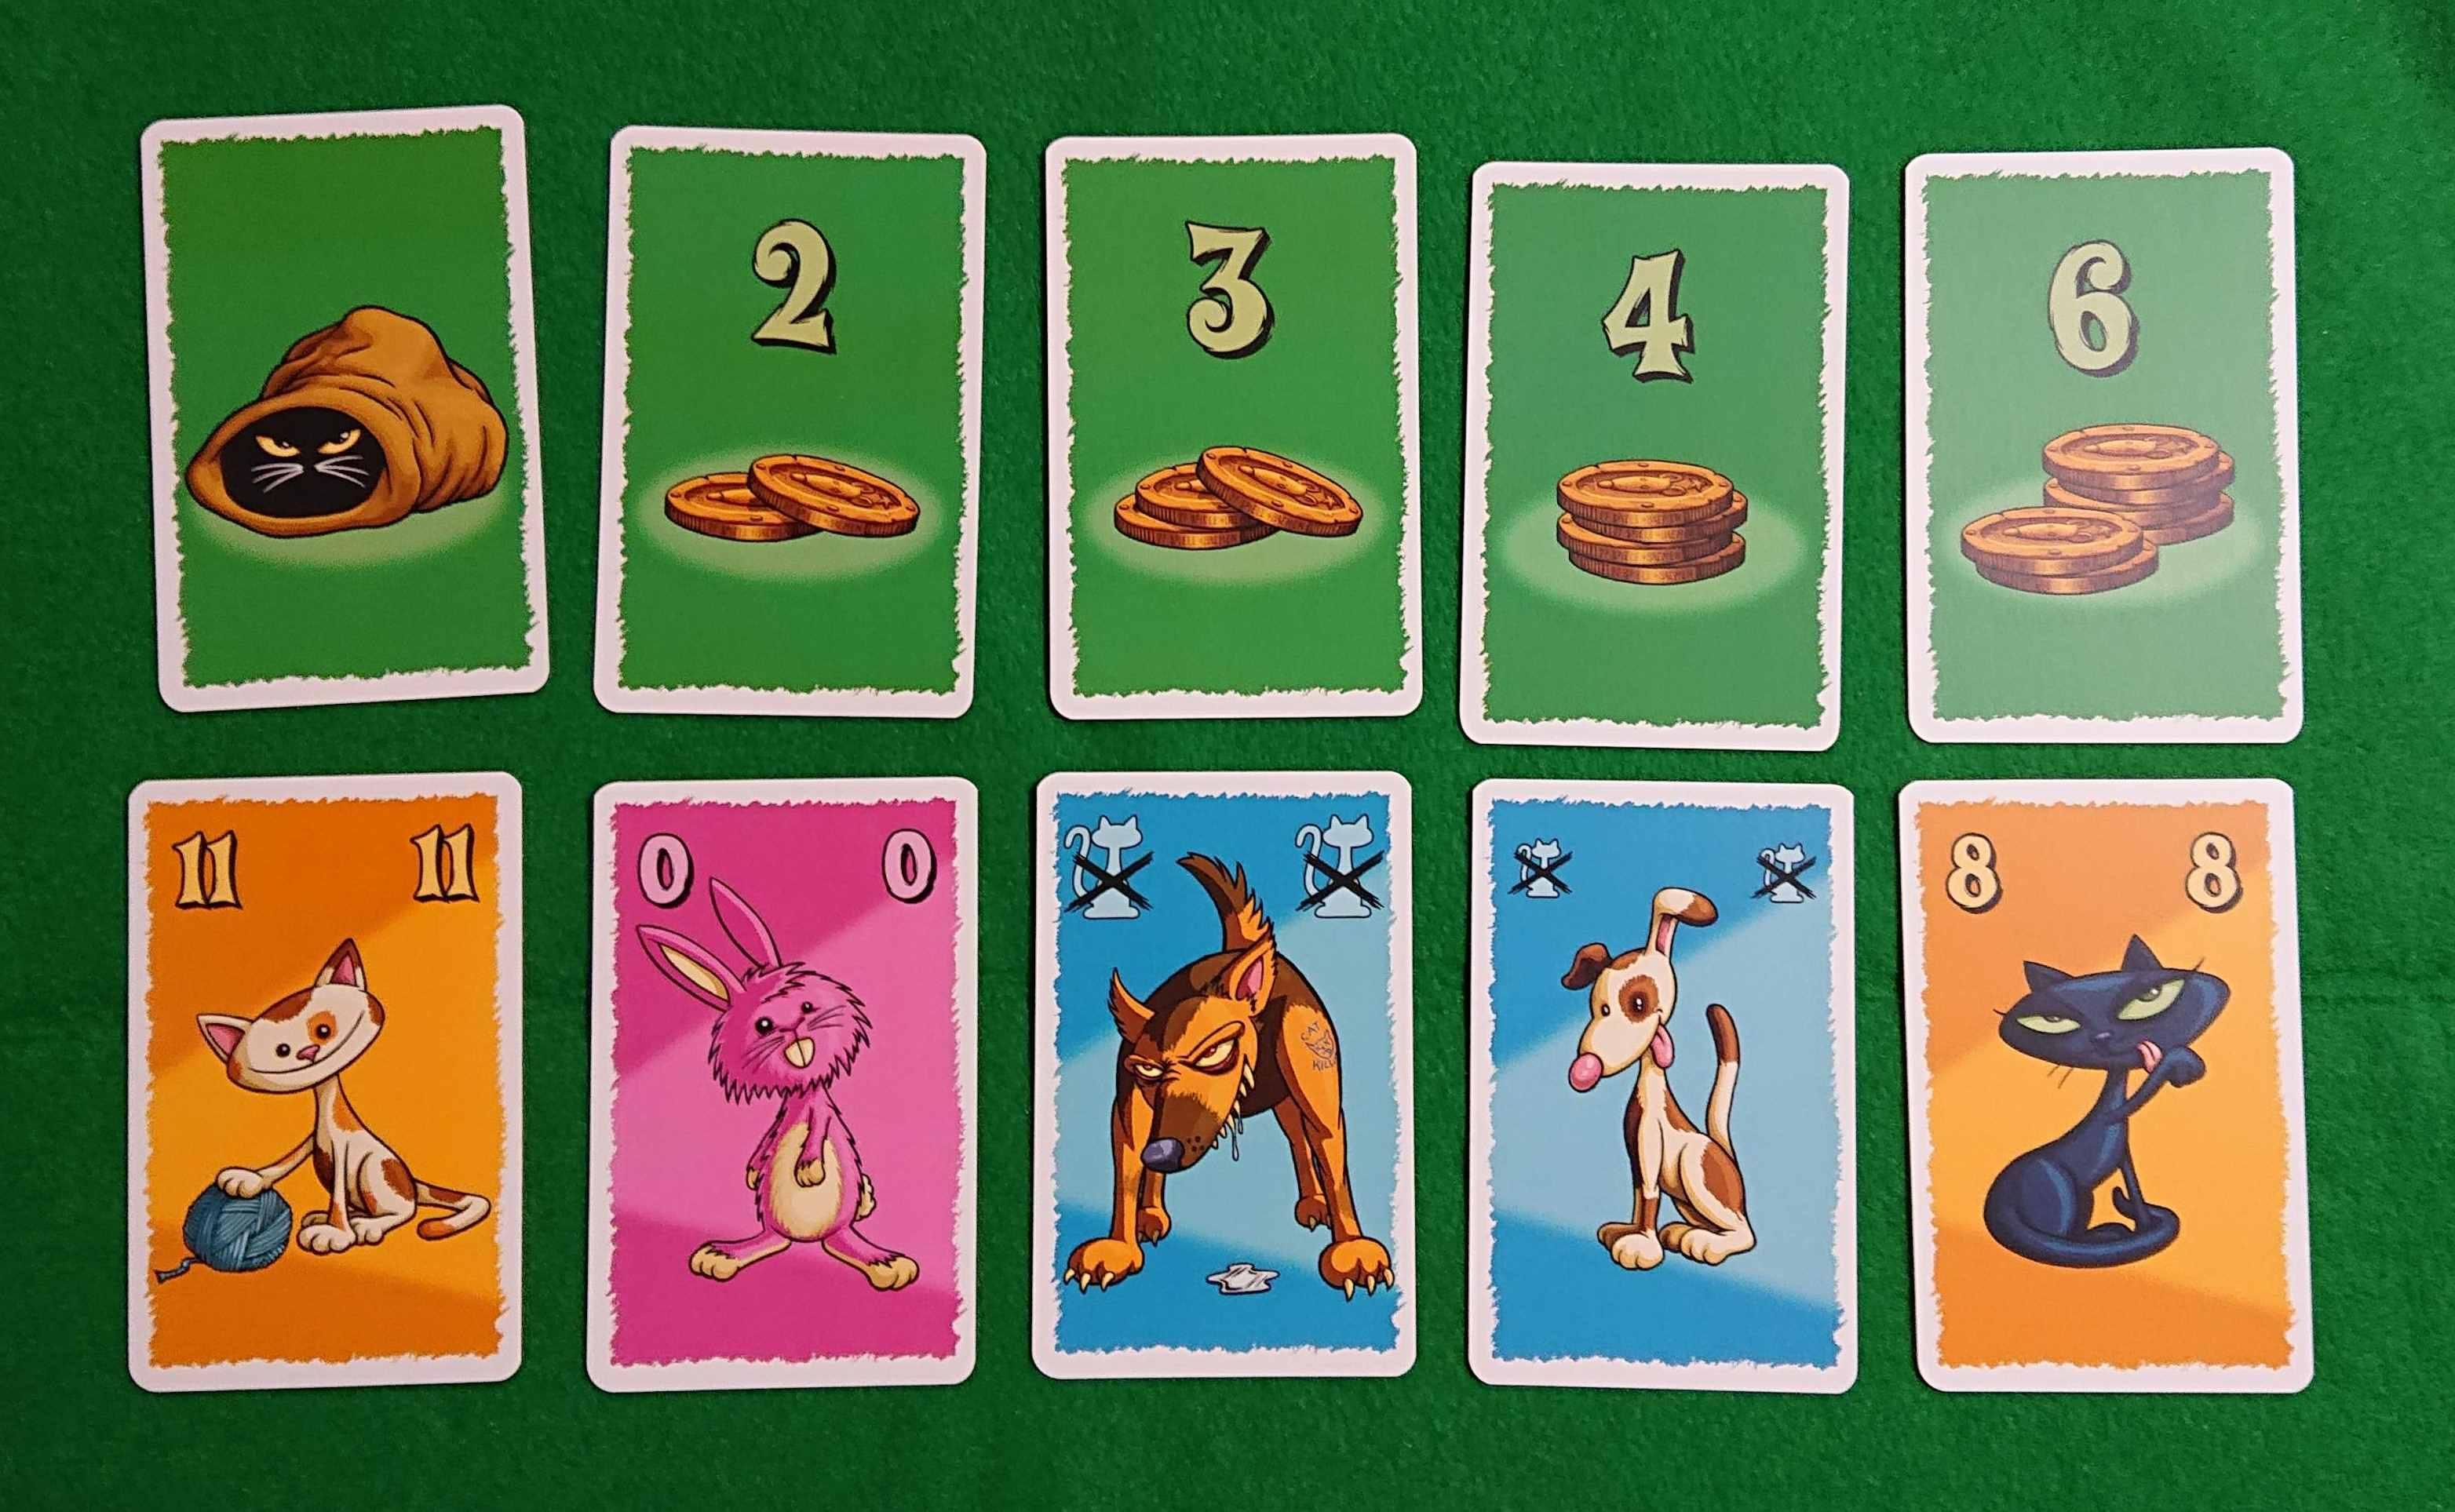 袋の中の猫フュロー 競り系カードゲーム 猫を集める!? ルール説明 ボードゲーム